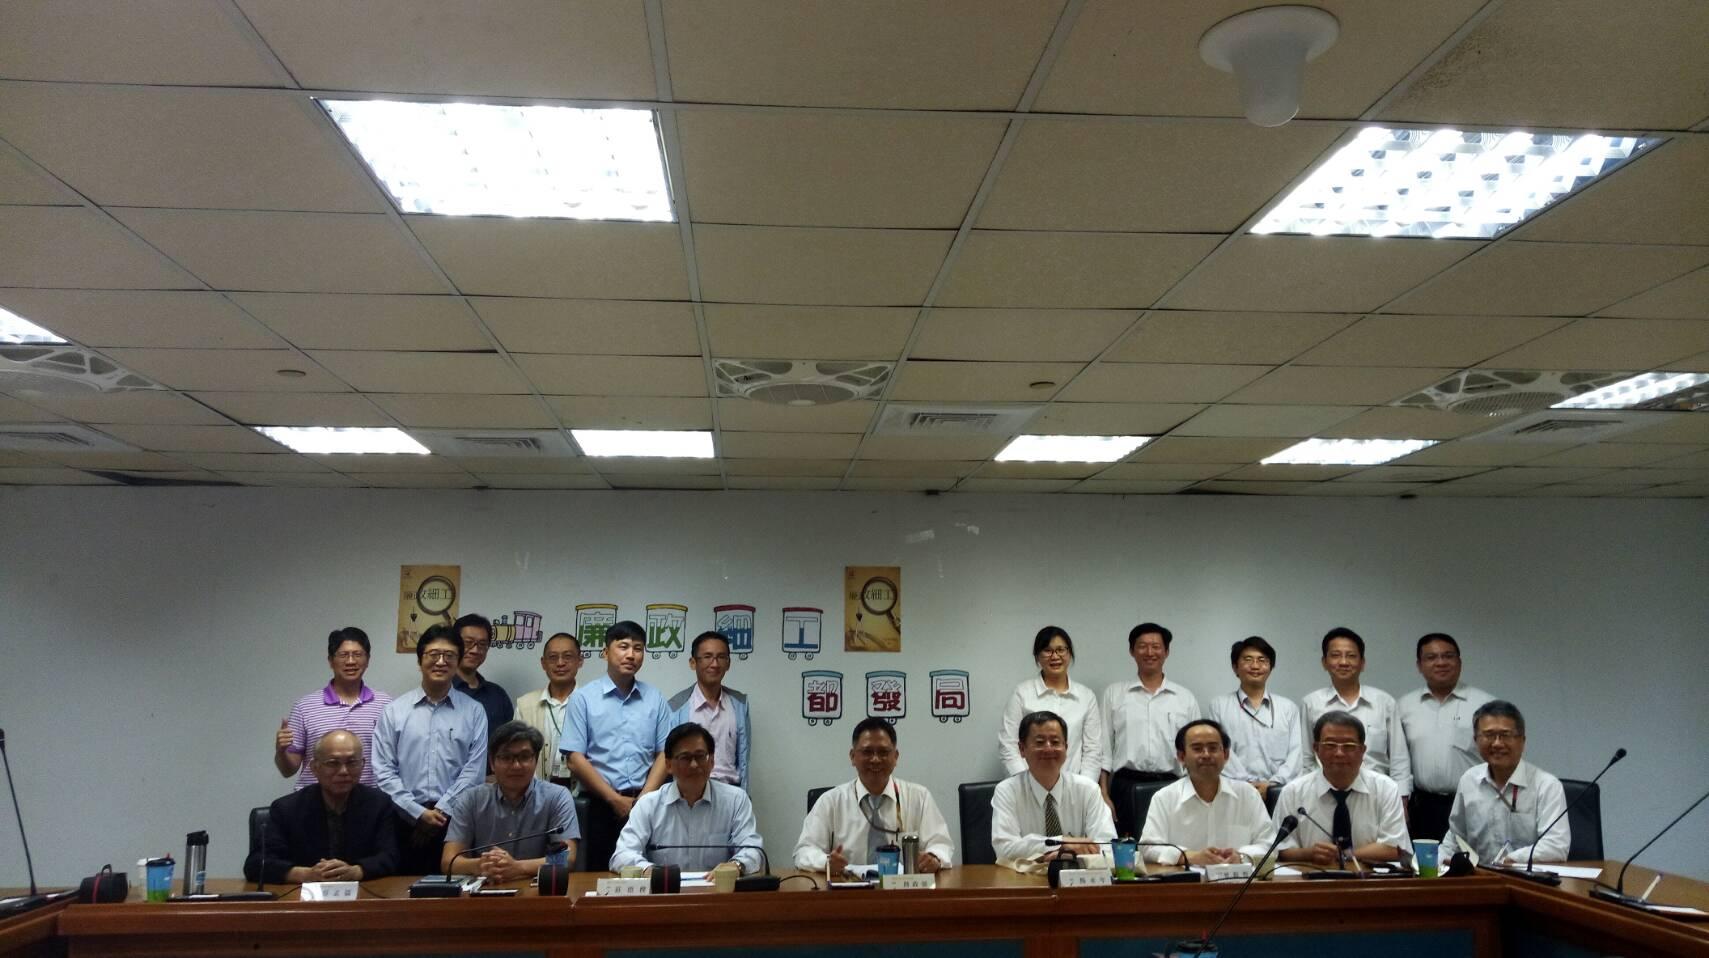 臺南市政府基層扎根廉政工程-都市發展局廉政細工座談會於107年3月30日召開。  0